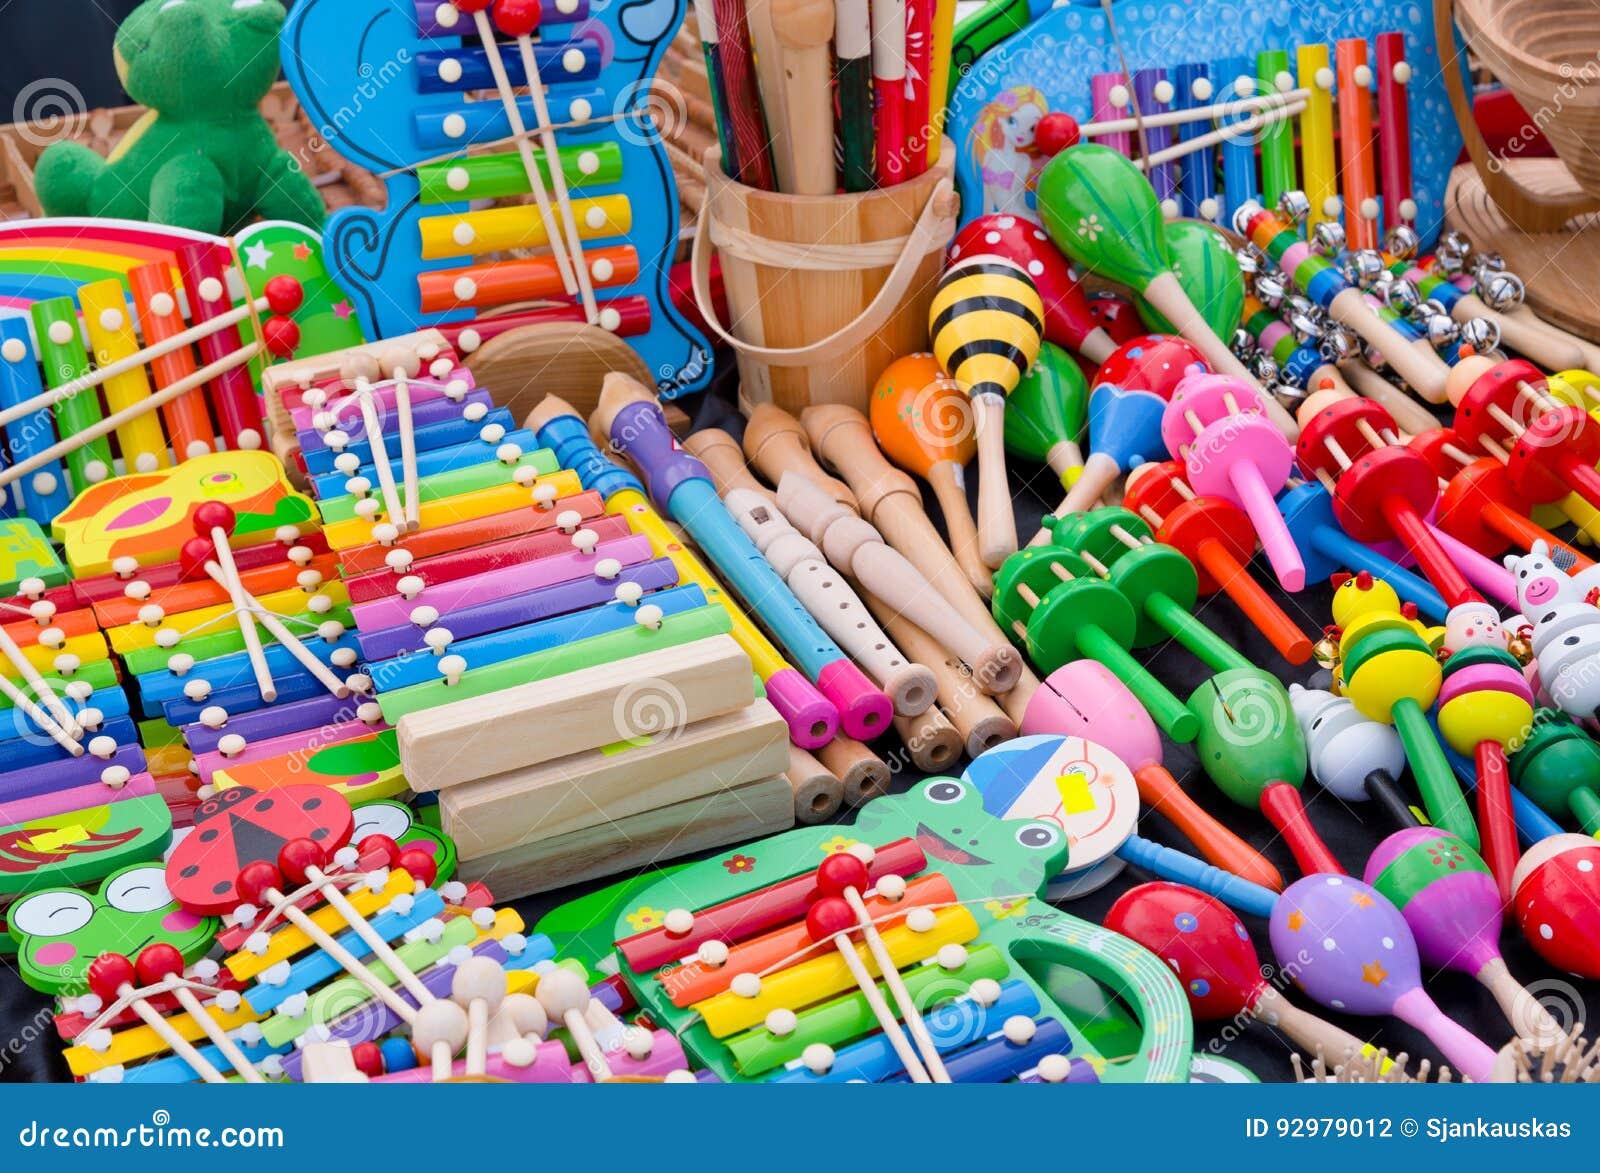 Spielwaren und Musikinstrumente, Kindergeschäft